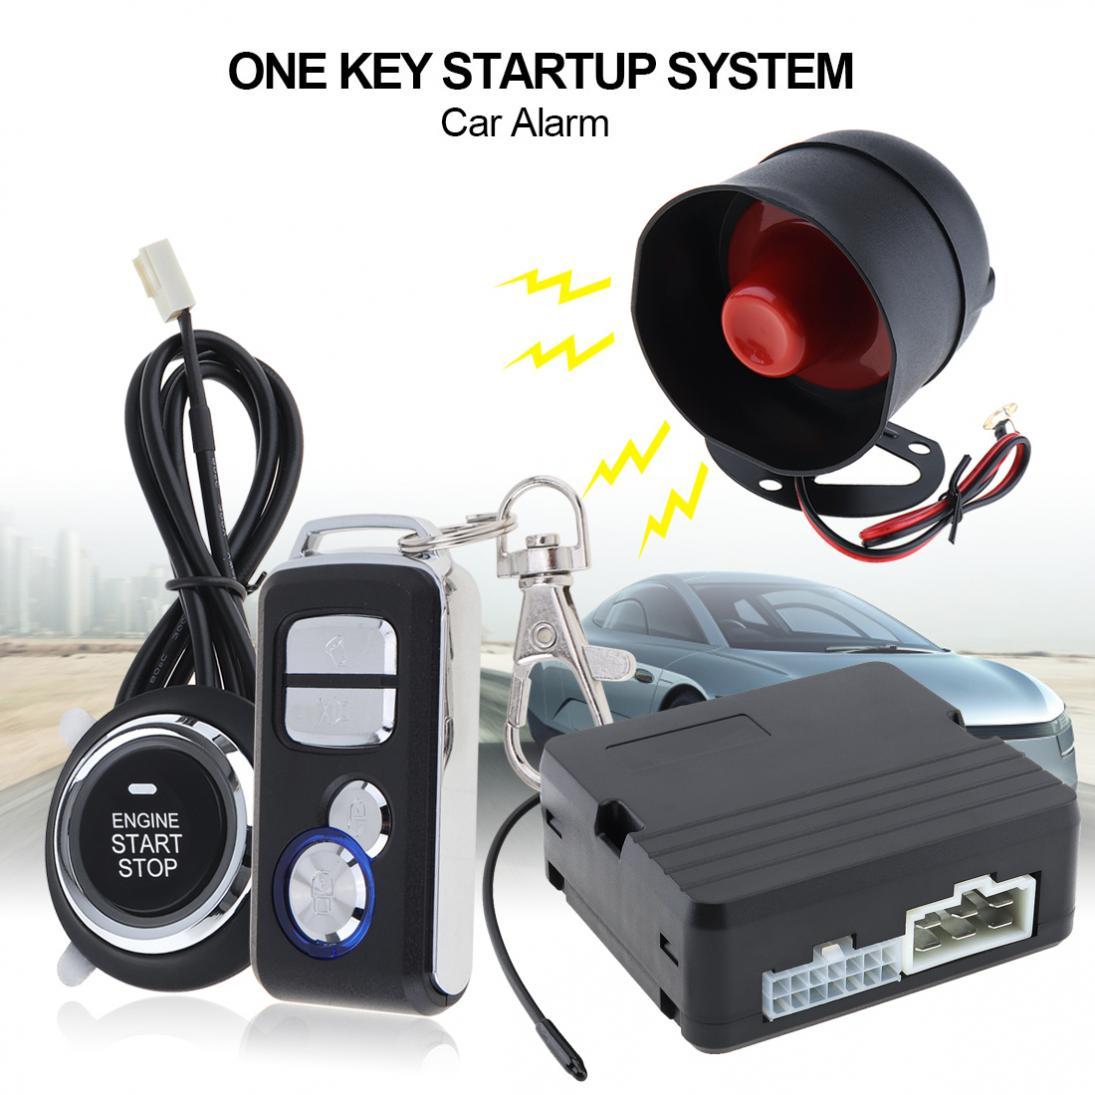 Universel 433 MHz 12 V système d'alarme de voiture démarrage à distance arrêt système de moteur avec verrouillage Central automatique et télécommande sans clé